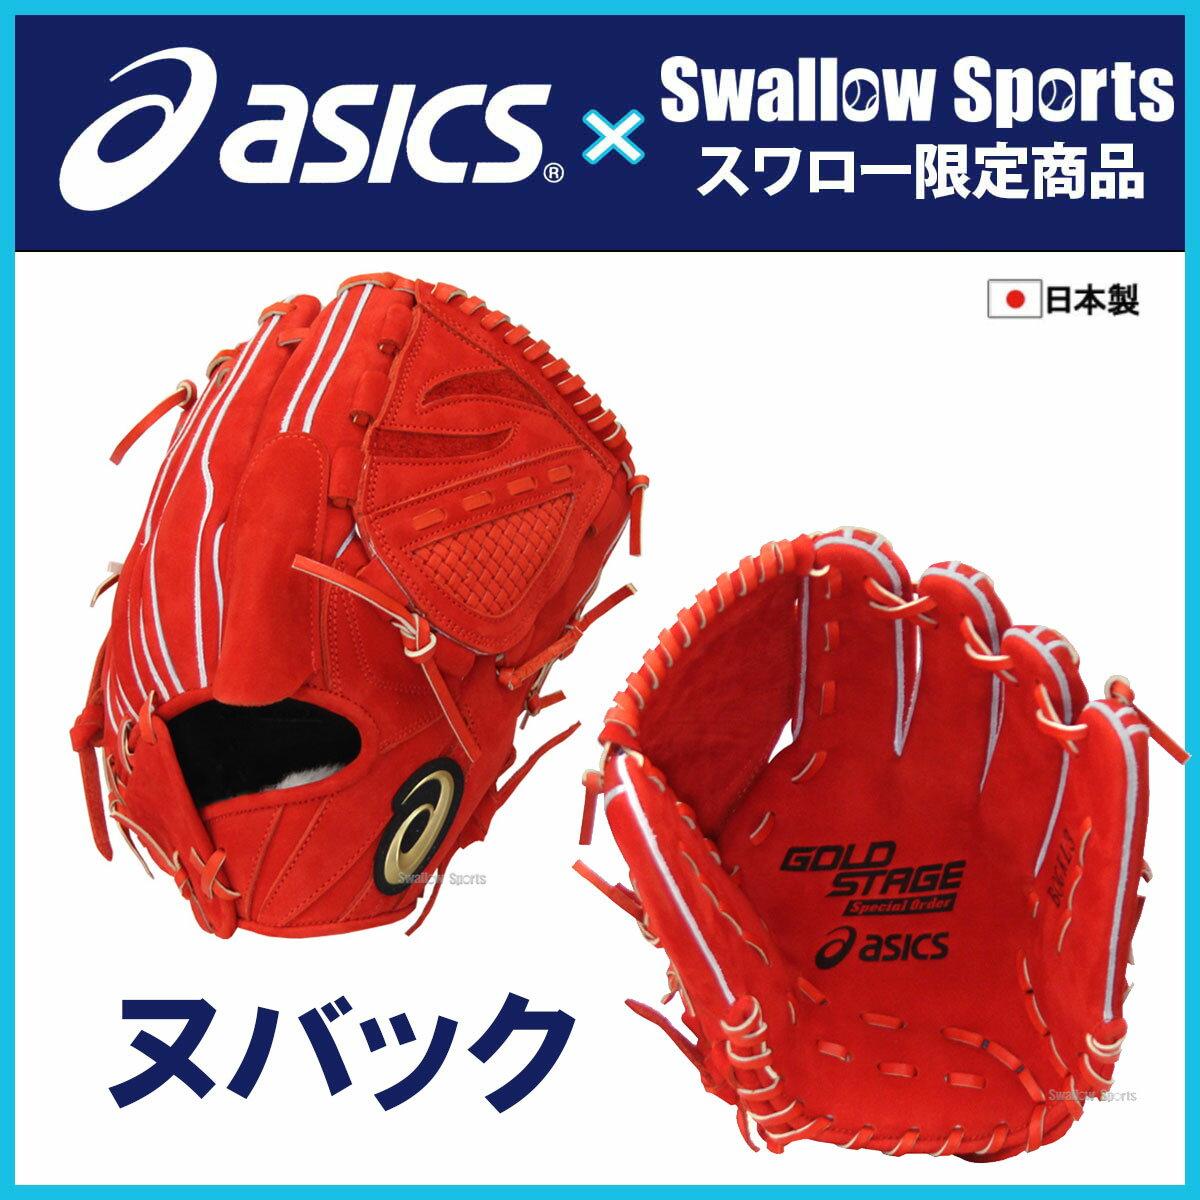 【あす楽対応】 アシックス ベースボール スワロー限定 オーダー 硬式グローブ グラブ ゴールドステージ ヌバック 投手用 グローブ BOGKL3-OS-SW6 硬式グローブ 野球用品 スワロースポーツ お年玉 新年会 初売り